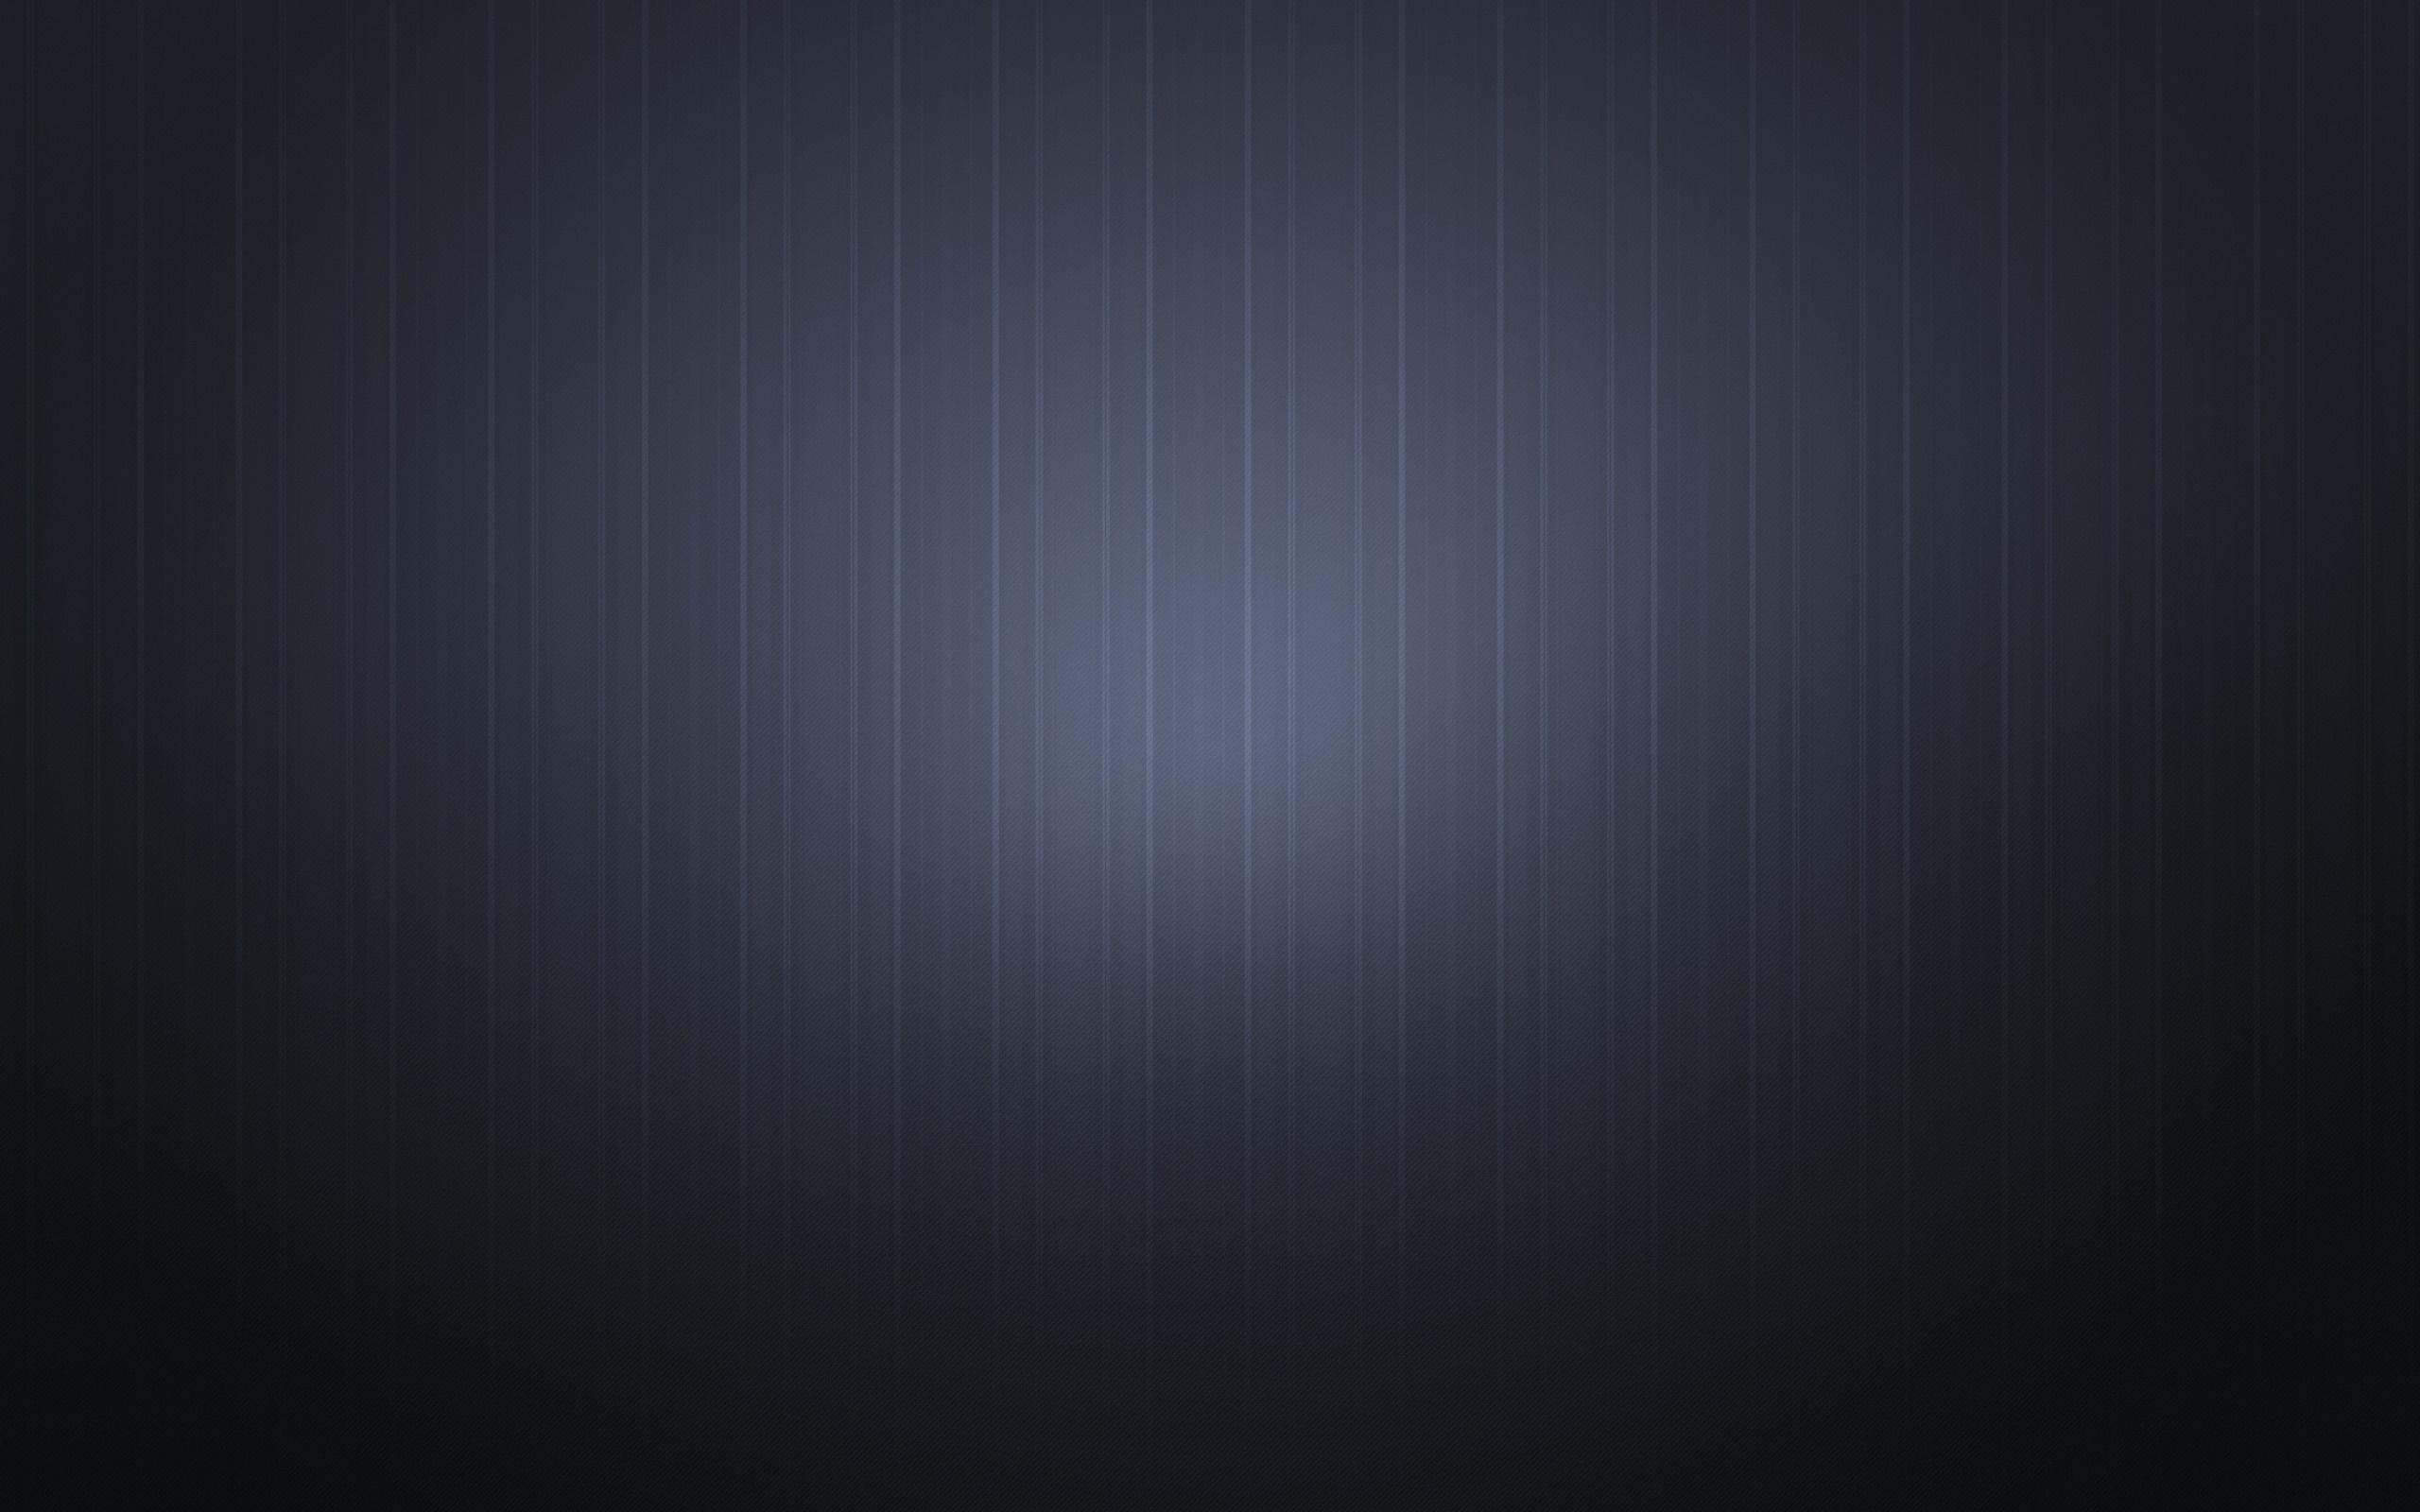 Dark gray wallpaper wallpapersafari for Grey patterned wallpaper